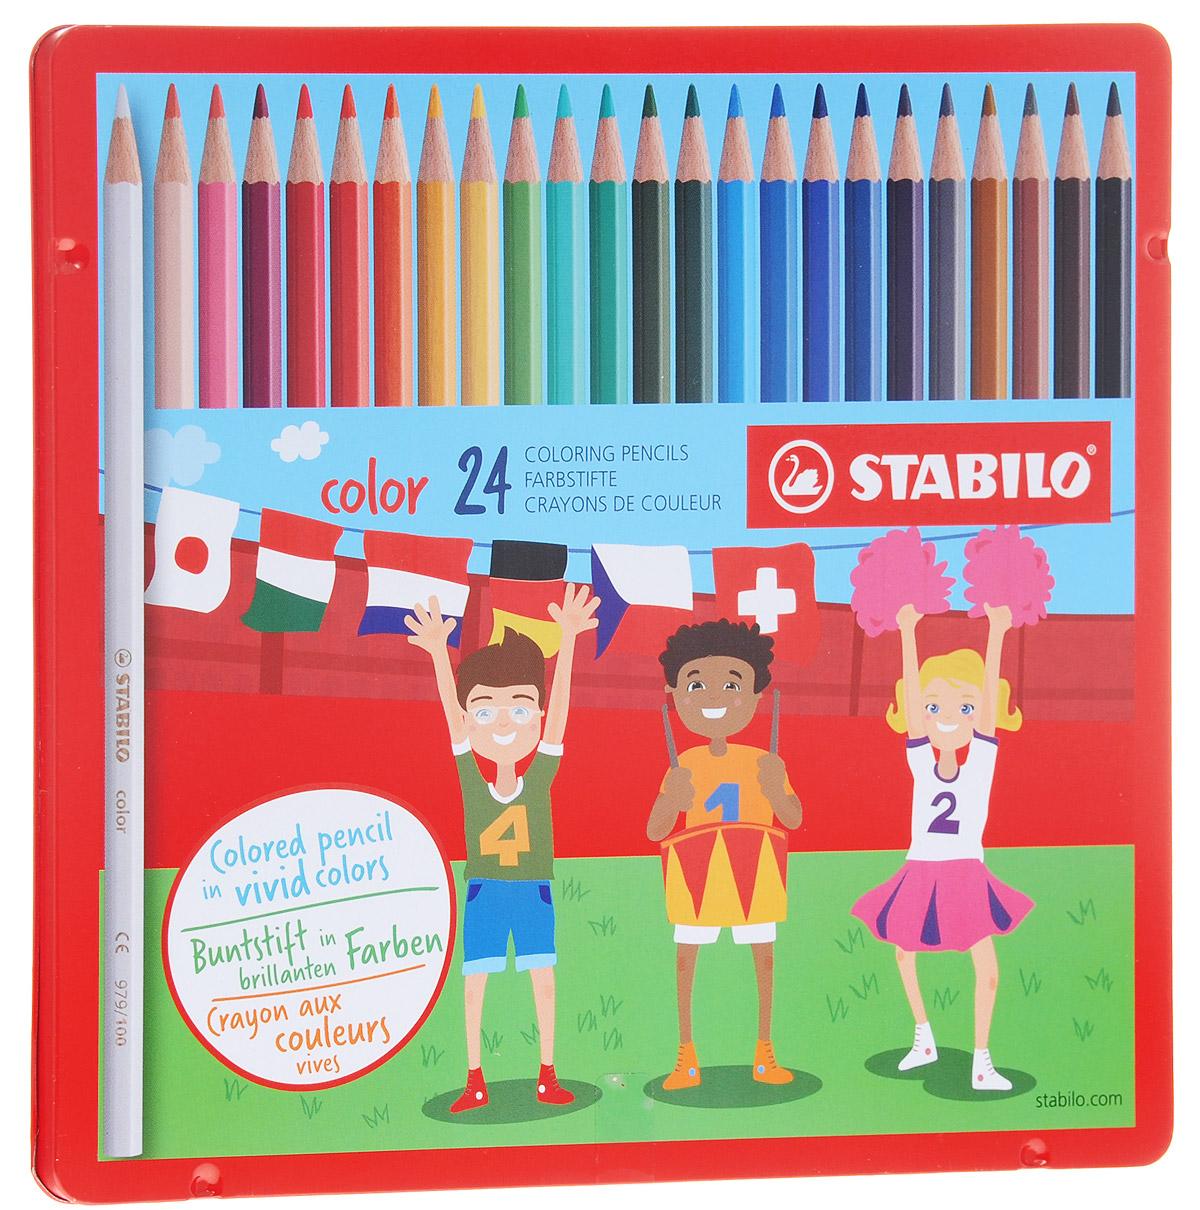 Серия цветных карандашей STABILO color в металлических футлярах. Широкая гамма цветов, которые отлично смешиваются и позволяют создавать огромное количество оттенков. Насыщенные цвета имеют высокую светостойкость. Мягкий грифель легко рисует на бумаге, не царапая ее и не крошась. Карандаши не ломаются при рисовании и затачивании.